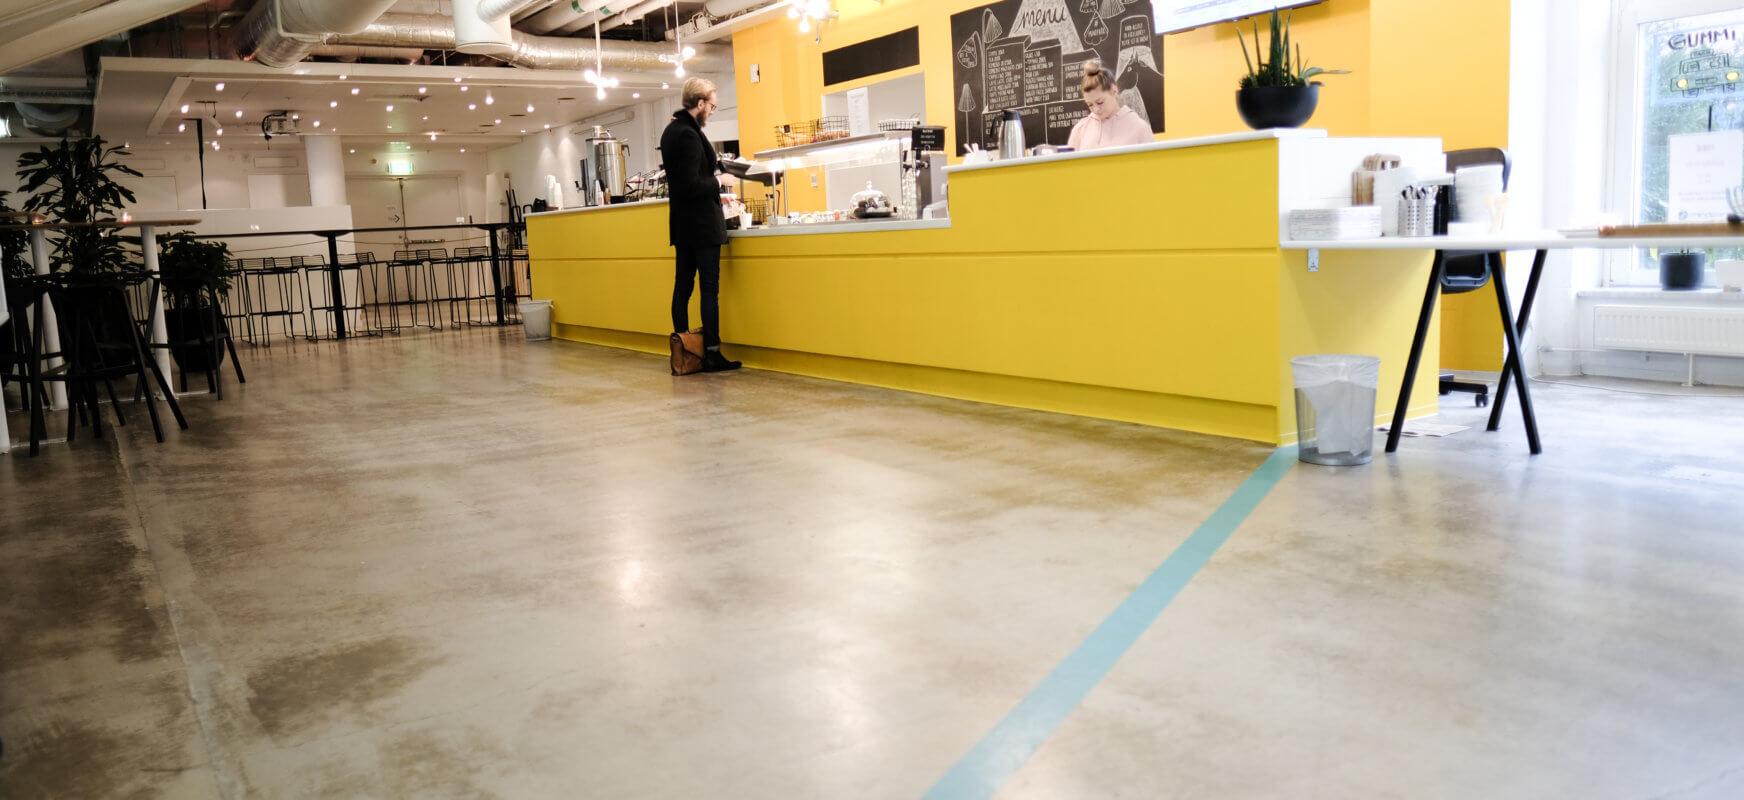 Bilden visar en öppen lokal med en gul disk